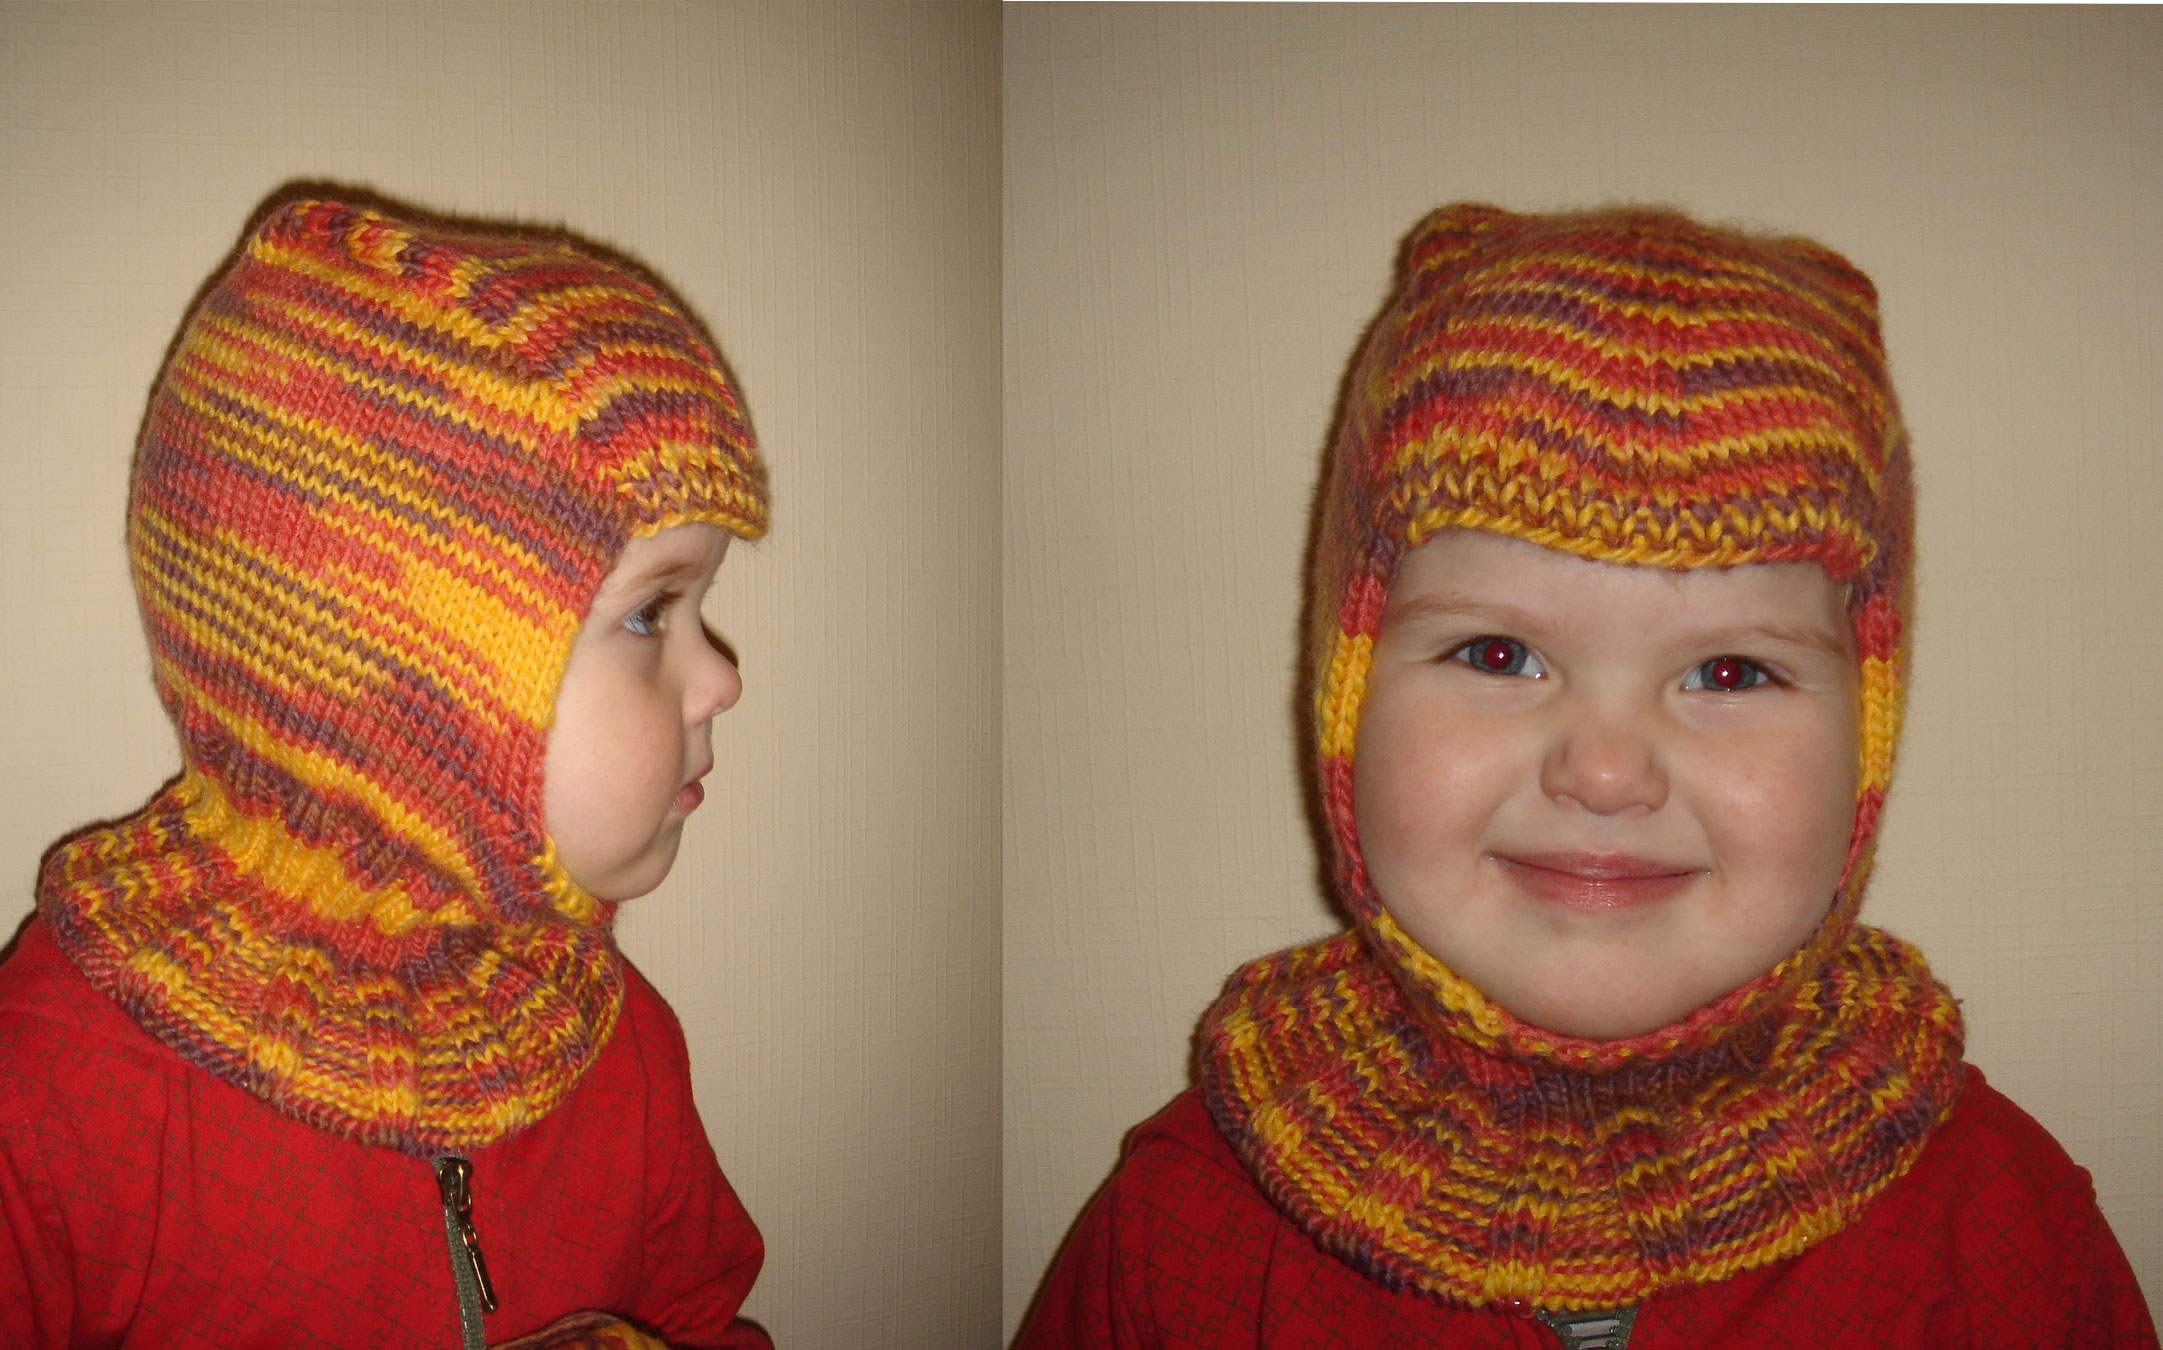 связать спицами шапку мальчику 3 месяца начинающий схема